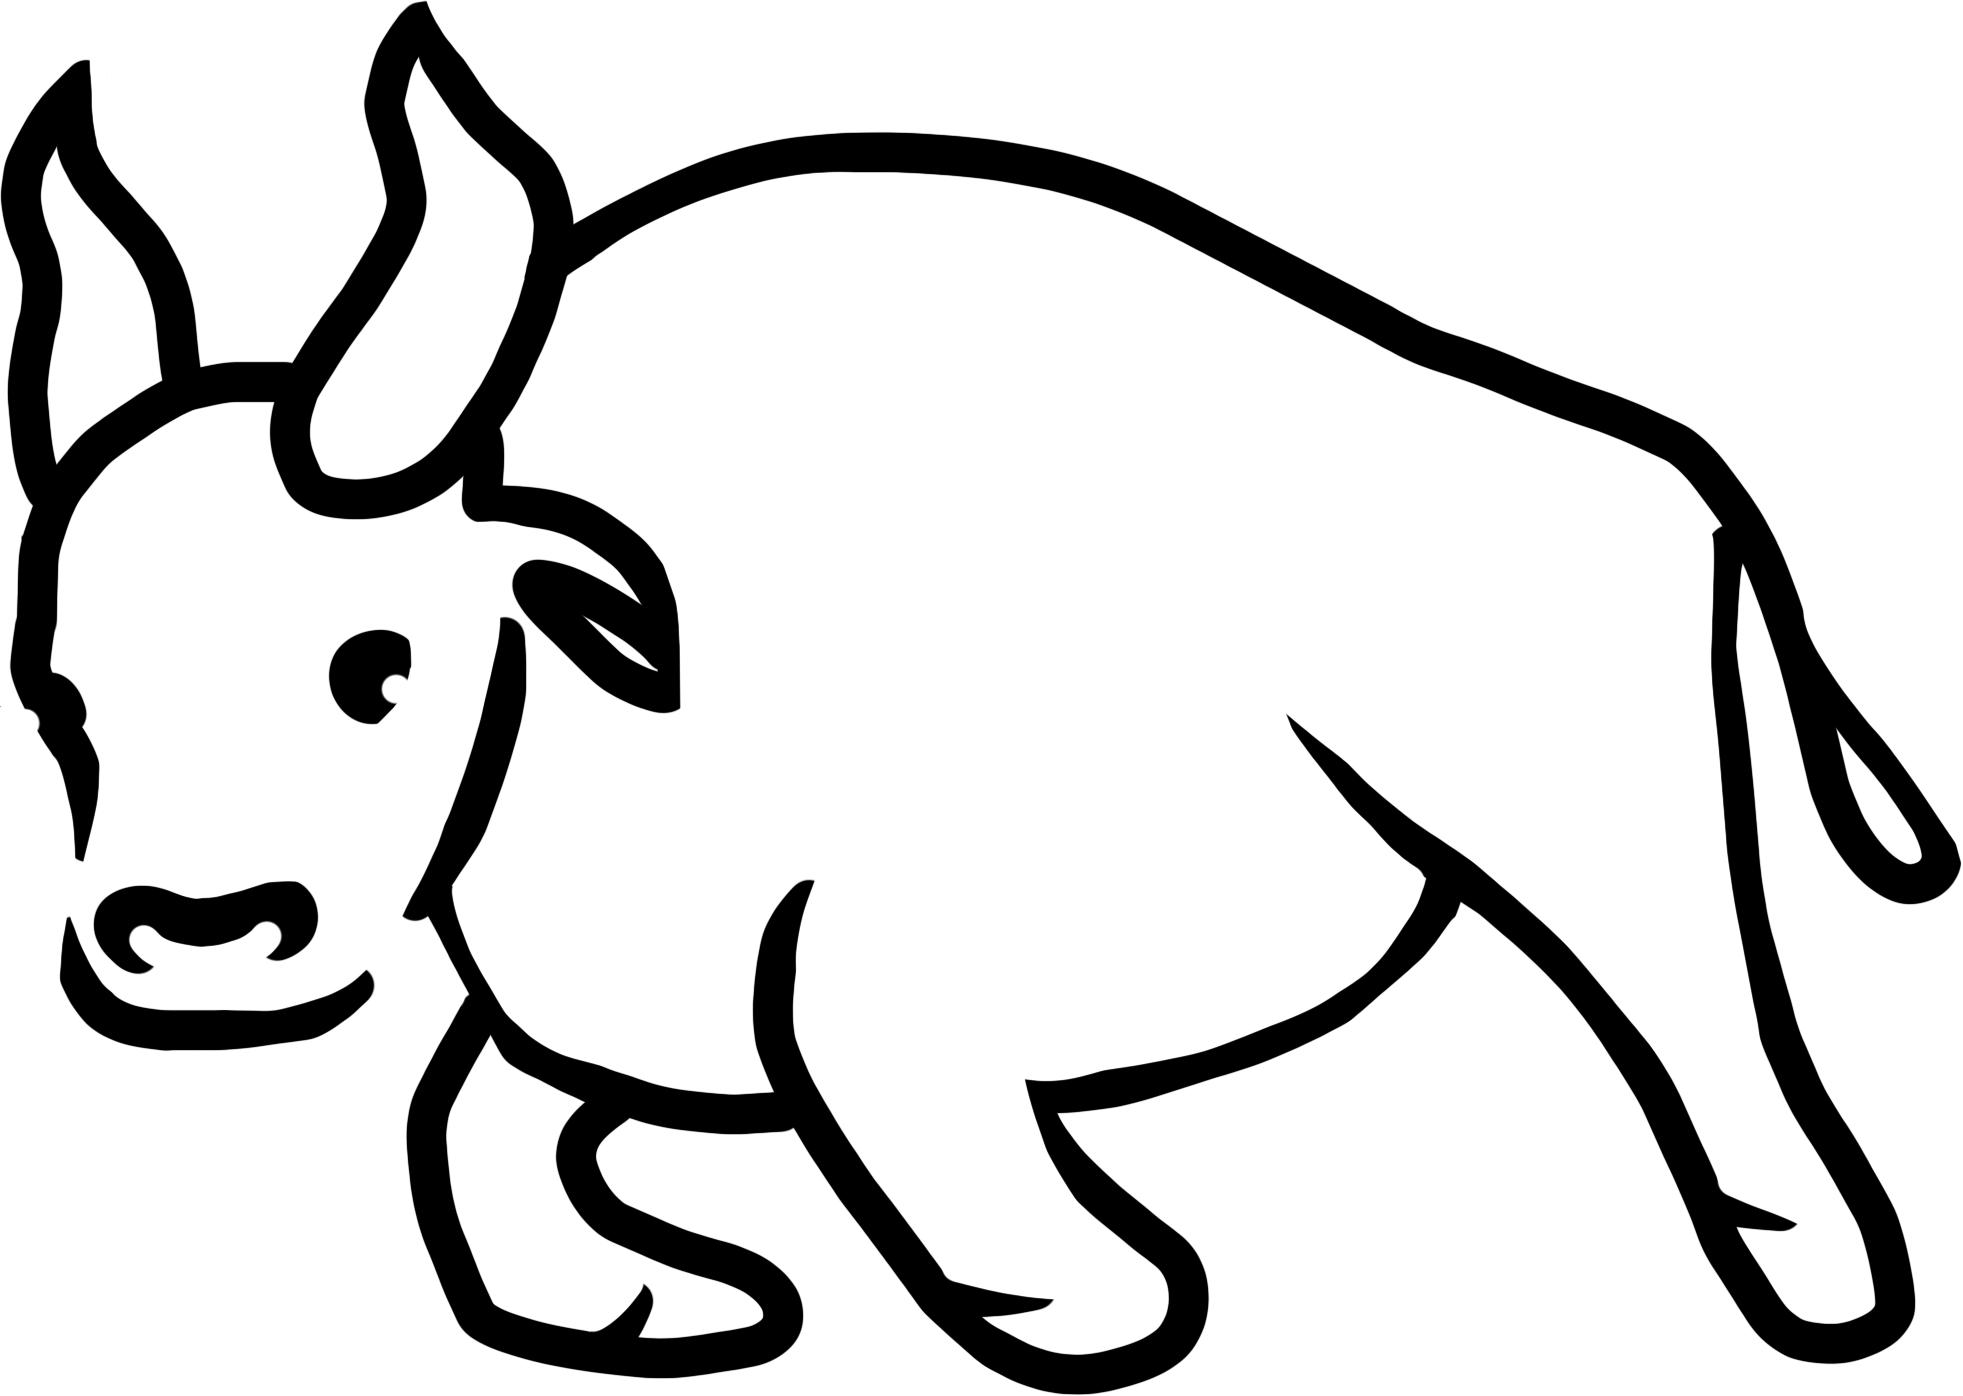 Создать рисунки быков, символа 2021 года, для реализации в м фото f_2665ee34b8fb7889.png